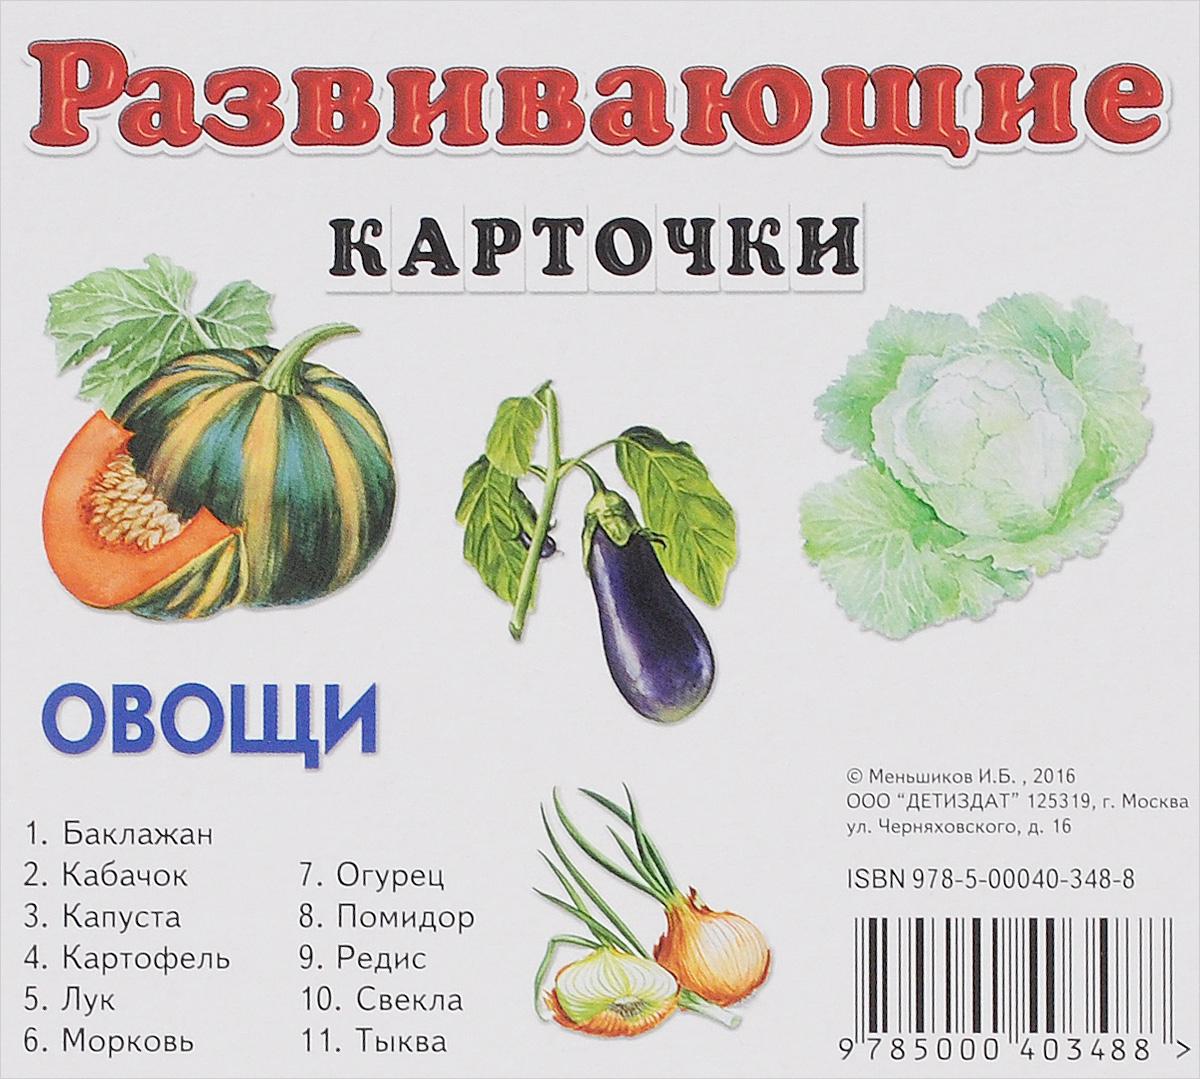 Овощи. Развивающие карточки (набор из 11 карточек)   Меньшиков И. Б.  #1